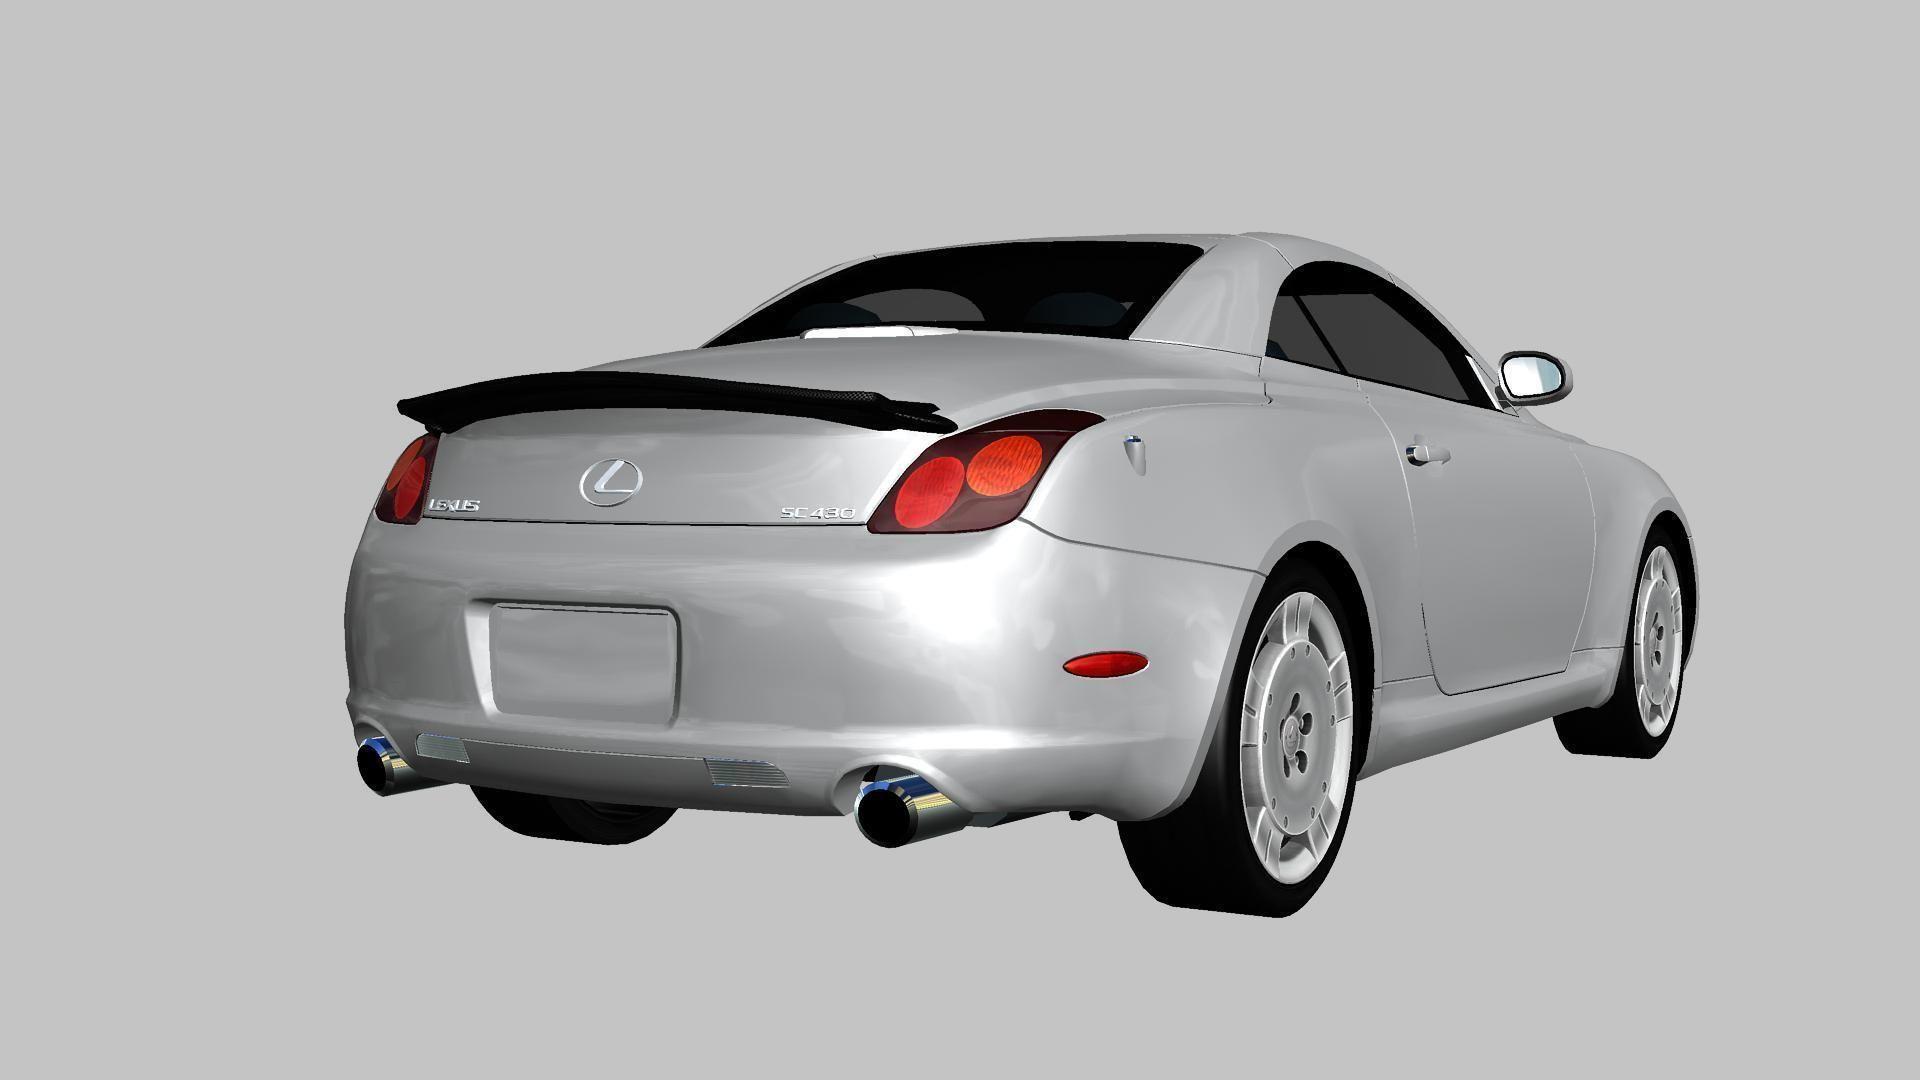 Lexus SC430 2002 3D asset